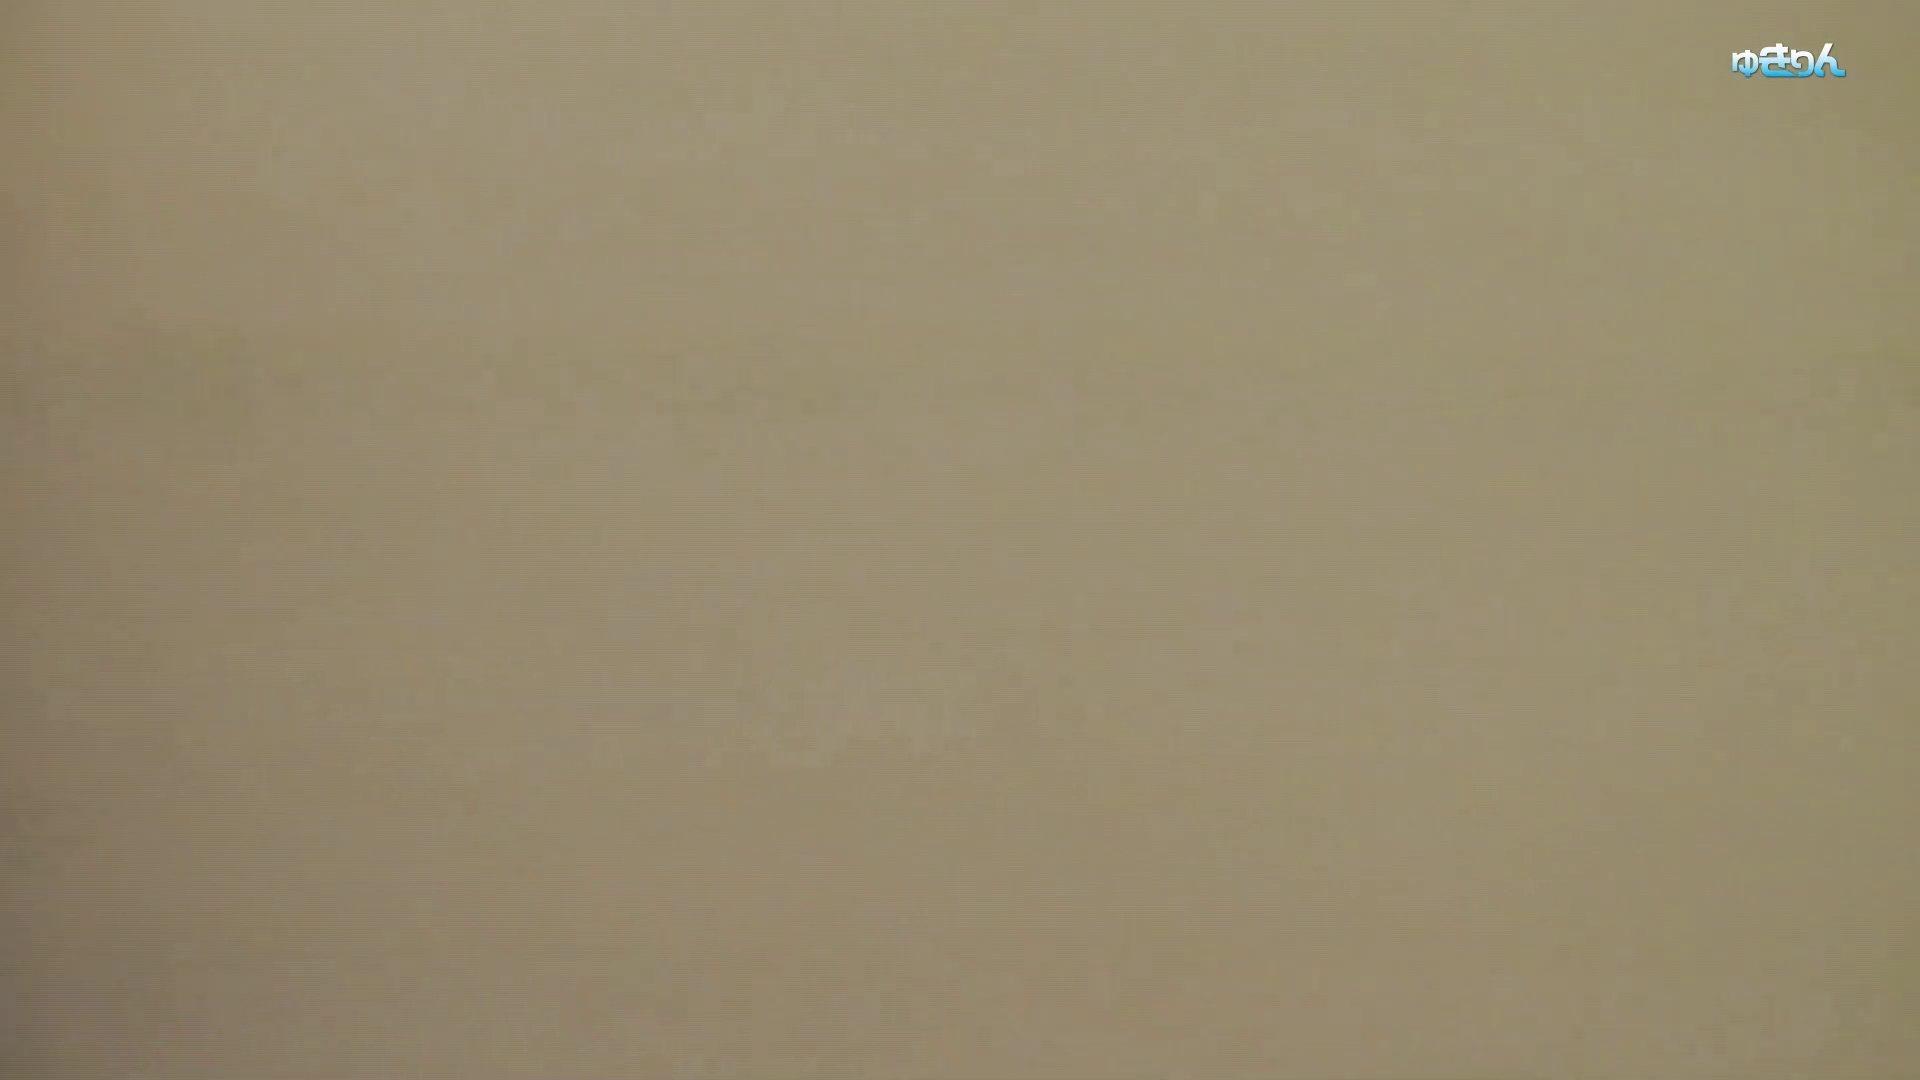 アダルトエロ動画|新世界の射窓 No84 広末涼子似の子をキャッチ!!ヒョウ柄の・・・・注目|怪盗ジョーカー